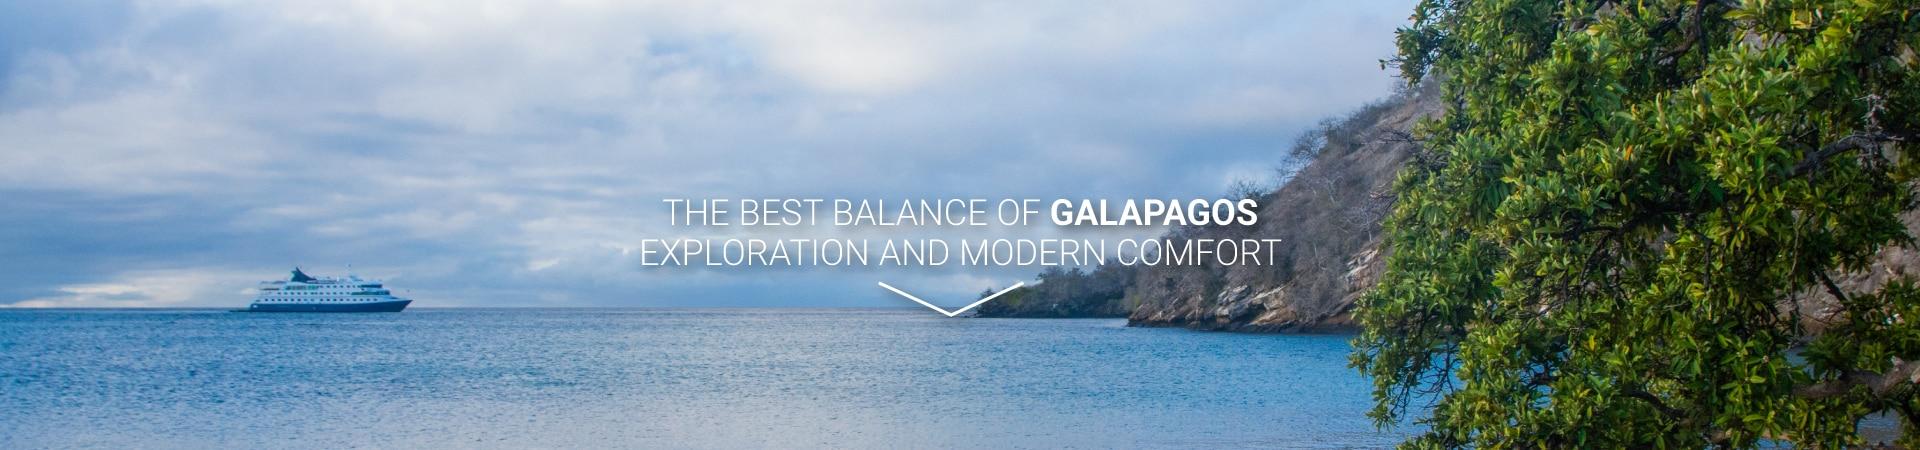 Santa Cruz II galapagos tours 2018